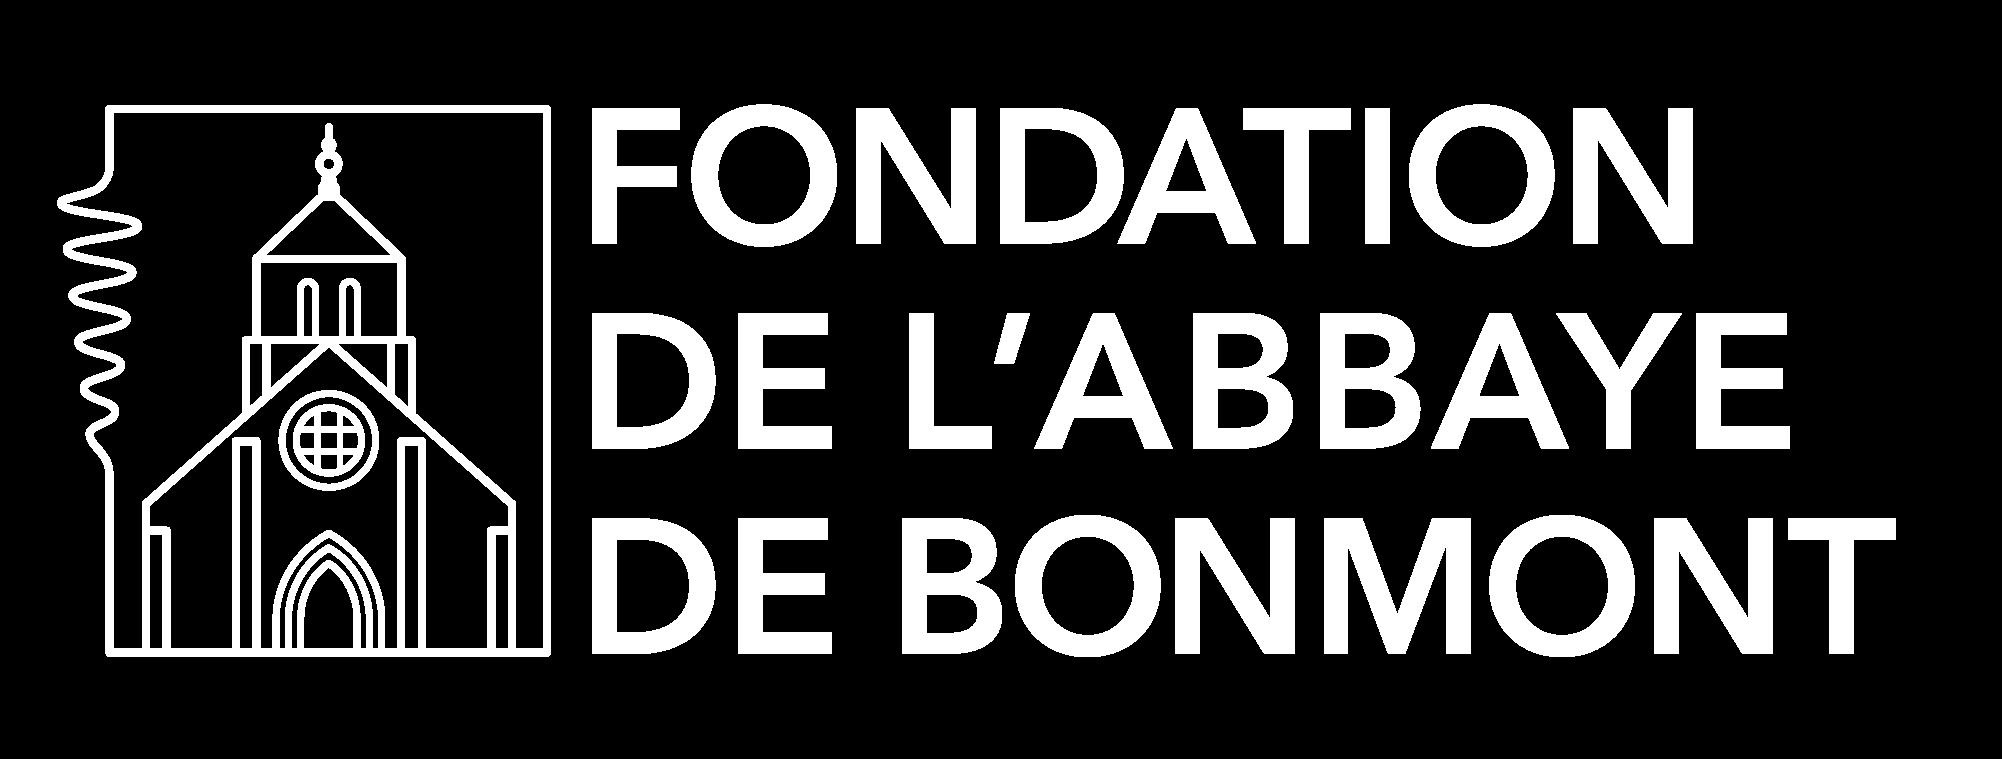 logo de la fondation de Bonmont